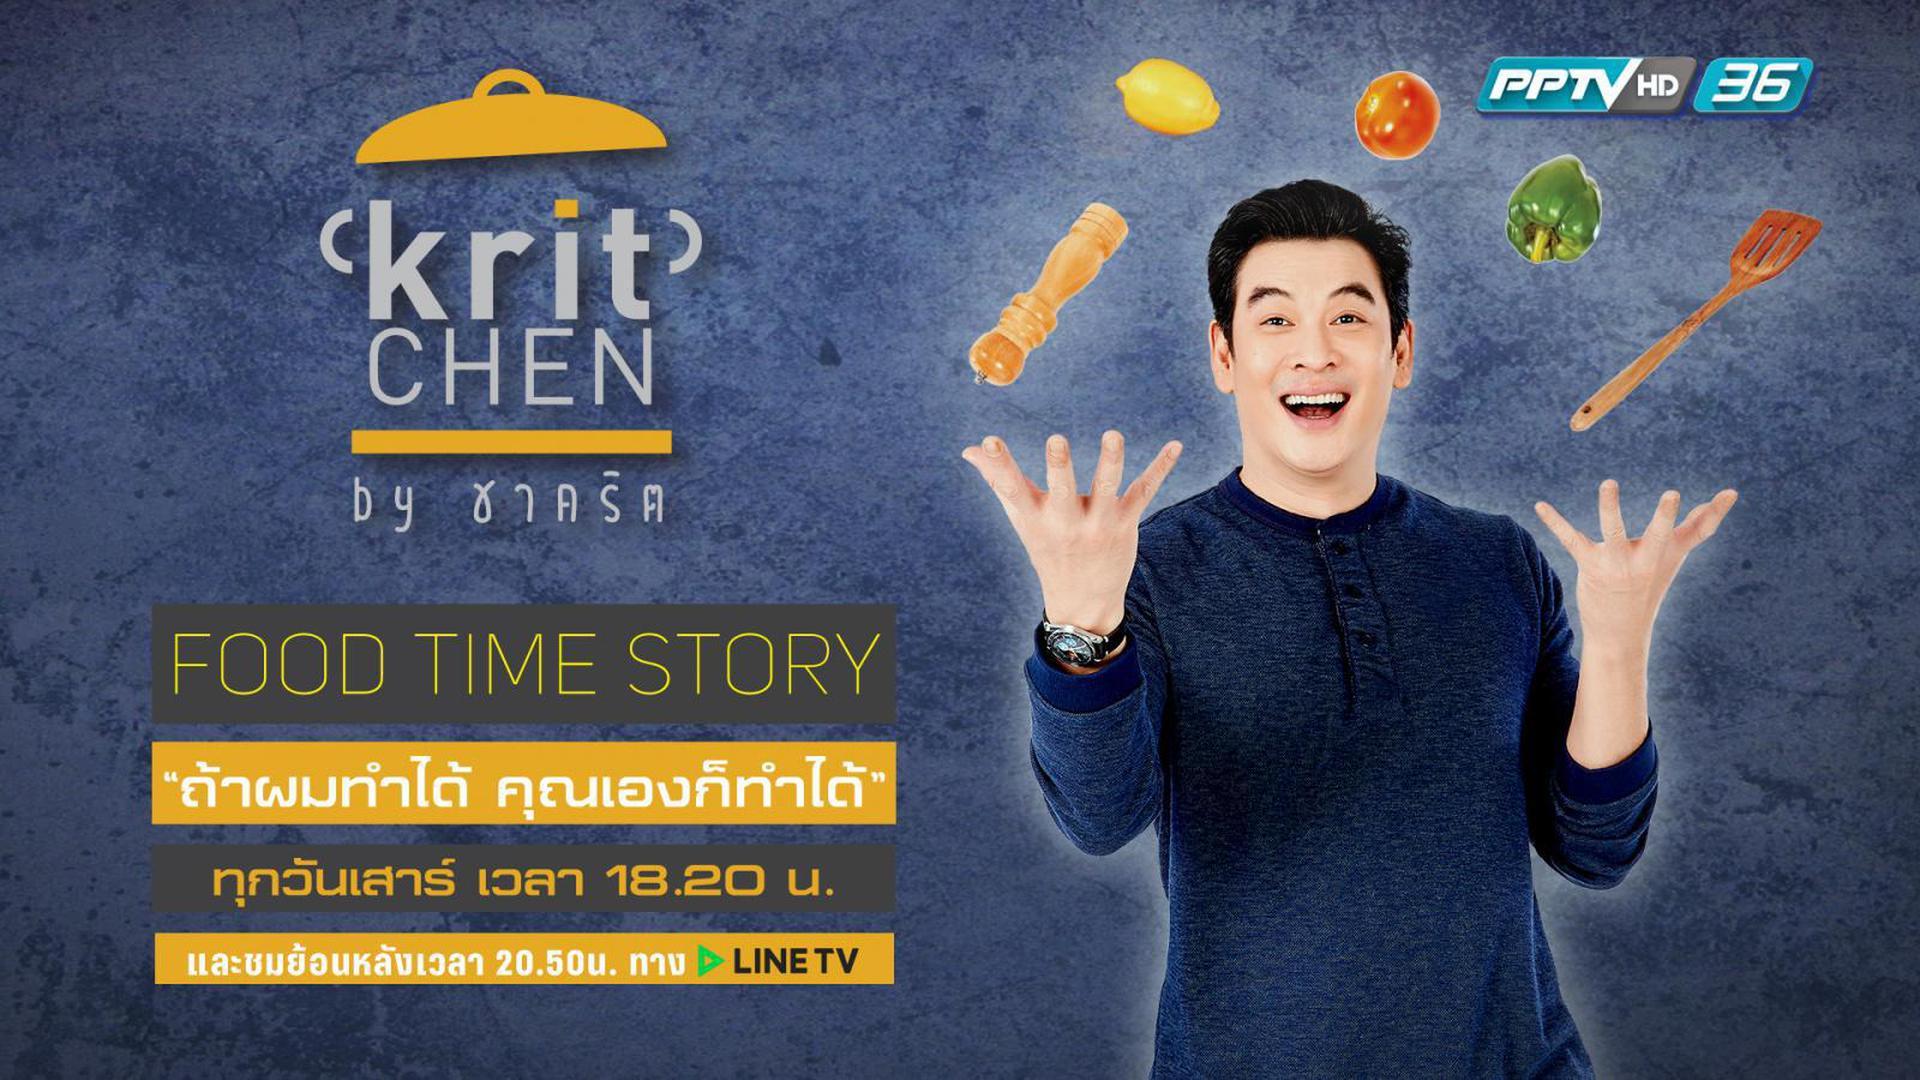 Kritchen by ชาคริต